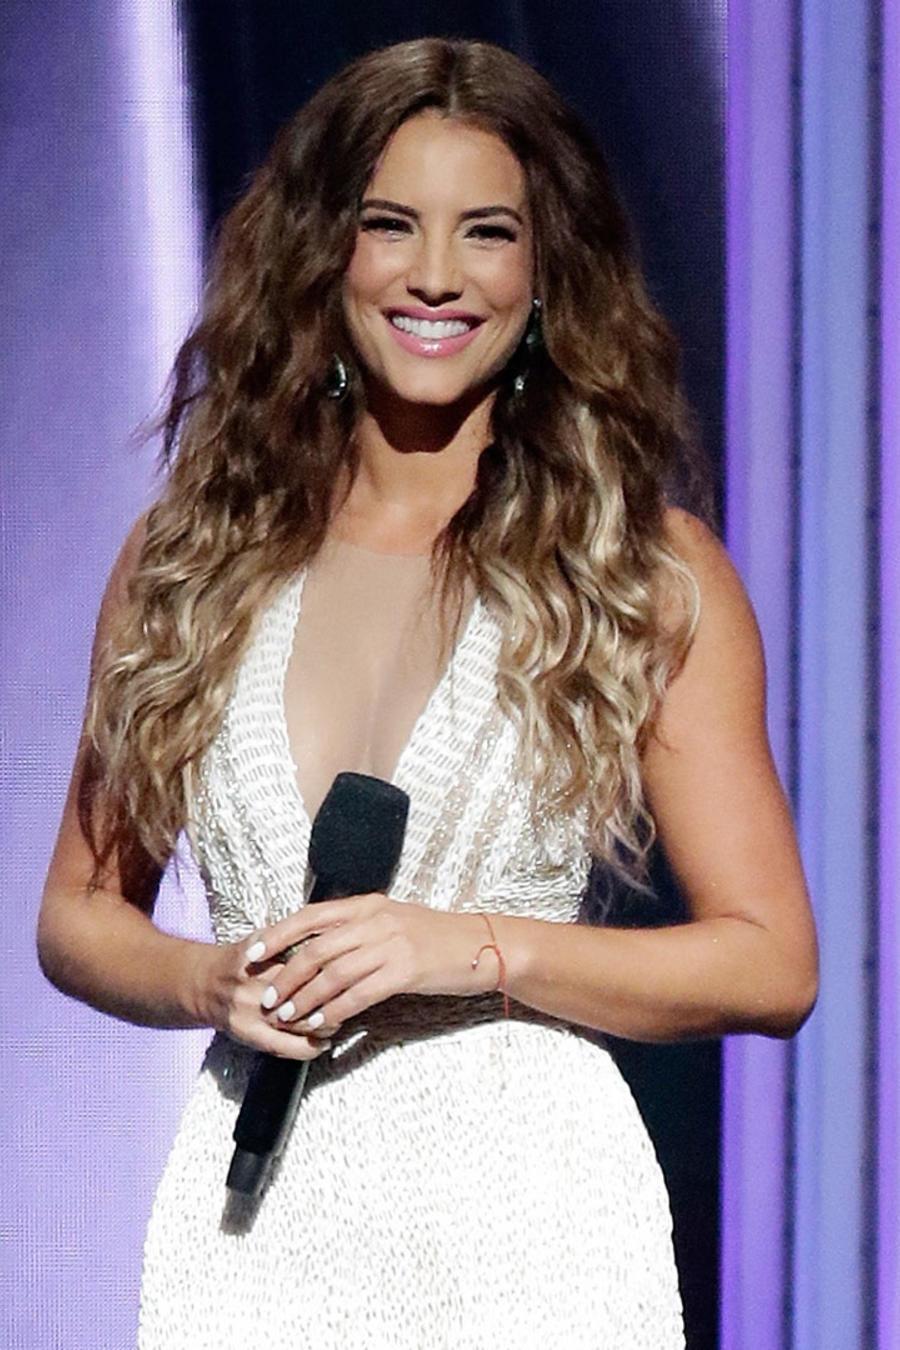 Gaby Espino en el escenario de los Premios Billboard del 2015